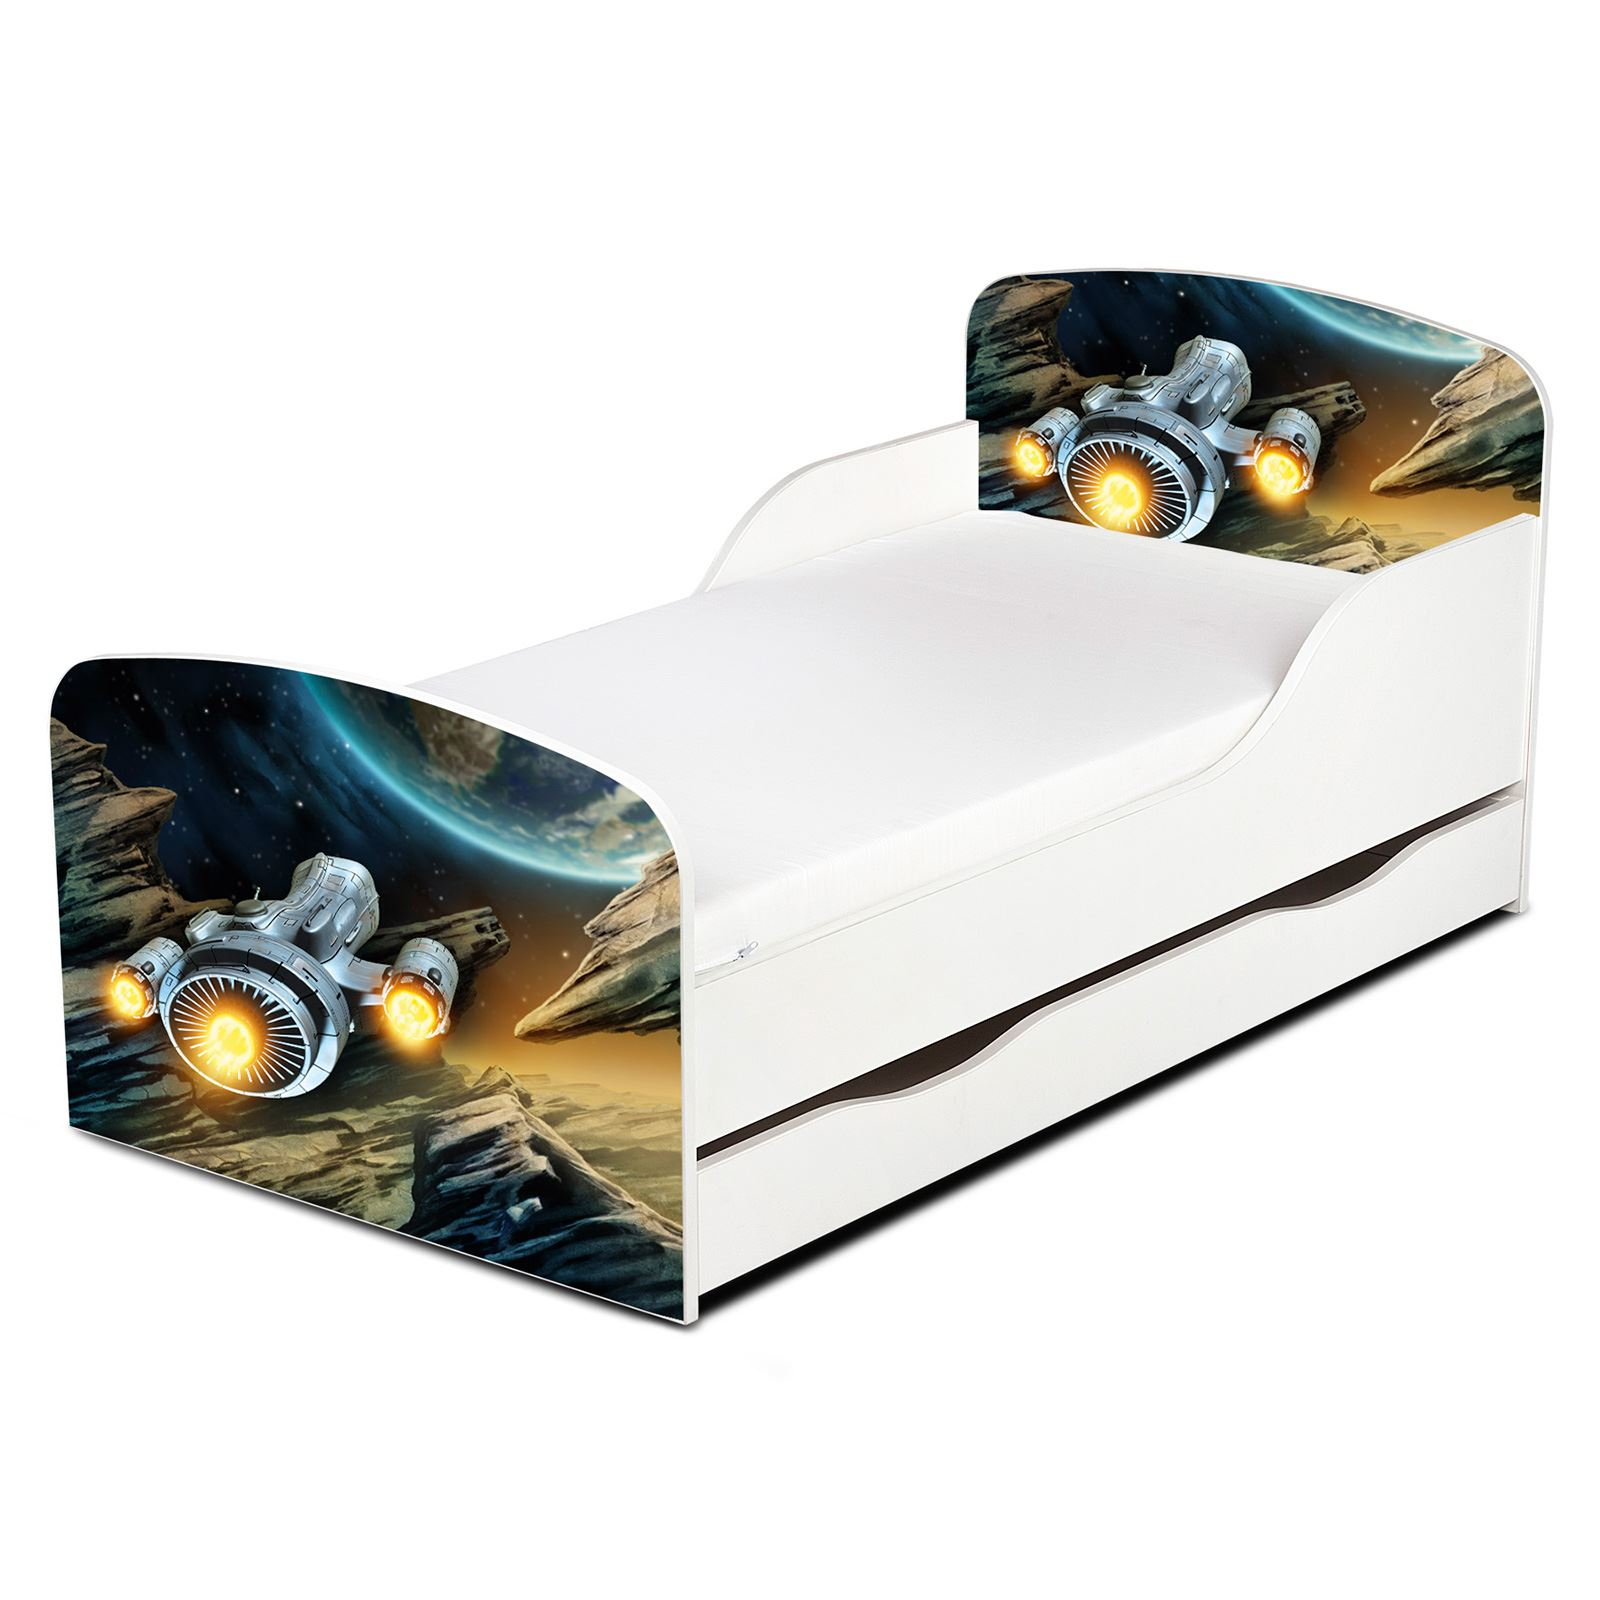 Full Size of Bett Mit Unterbett Righthome Raumschiff Kleinkind Betten 90x200 Bei Ikea Skandinavisch Weißes 140x200 Home Affaire 180x200 Schwarz Matratze Und Lattenrost Bett Bett Mit Unterbett